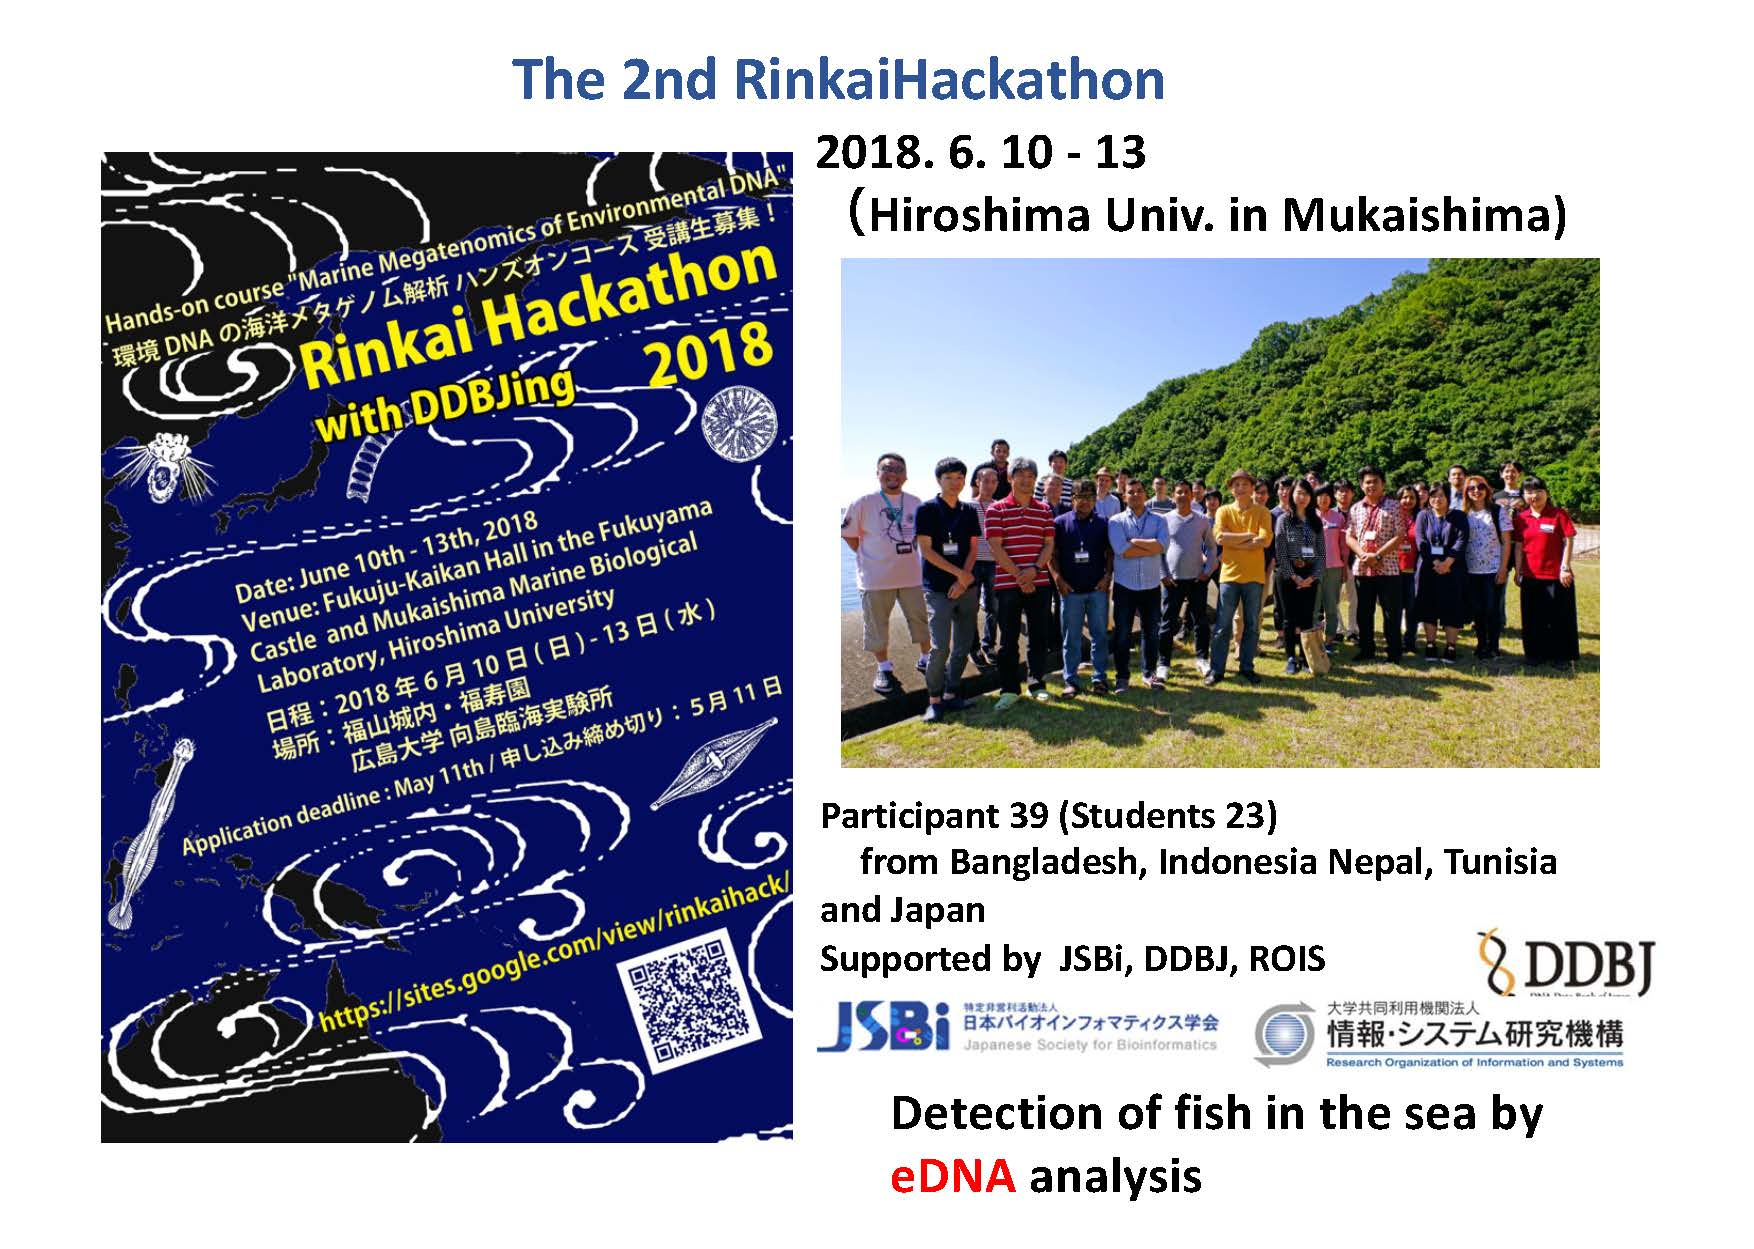 Rinkai Hackathon information page 6